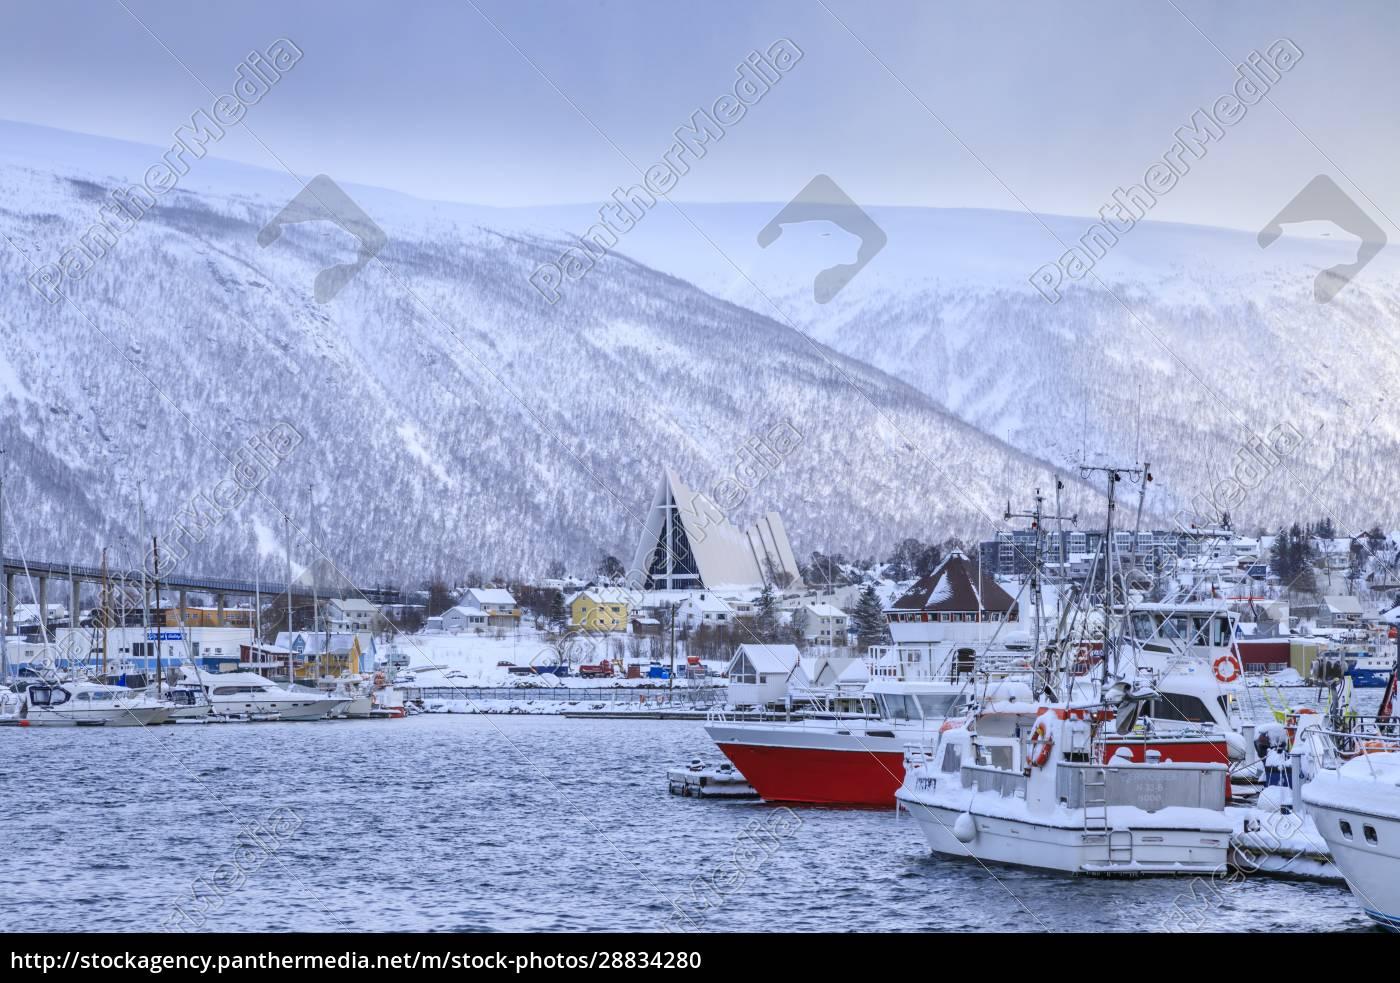 tromso, piccolo, porto, barca, fiordo, ponte, cattedrale, artica, dopo, la, forte - 28834280